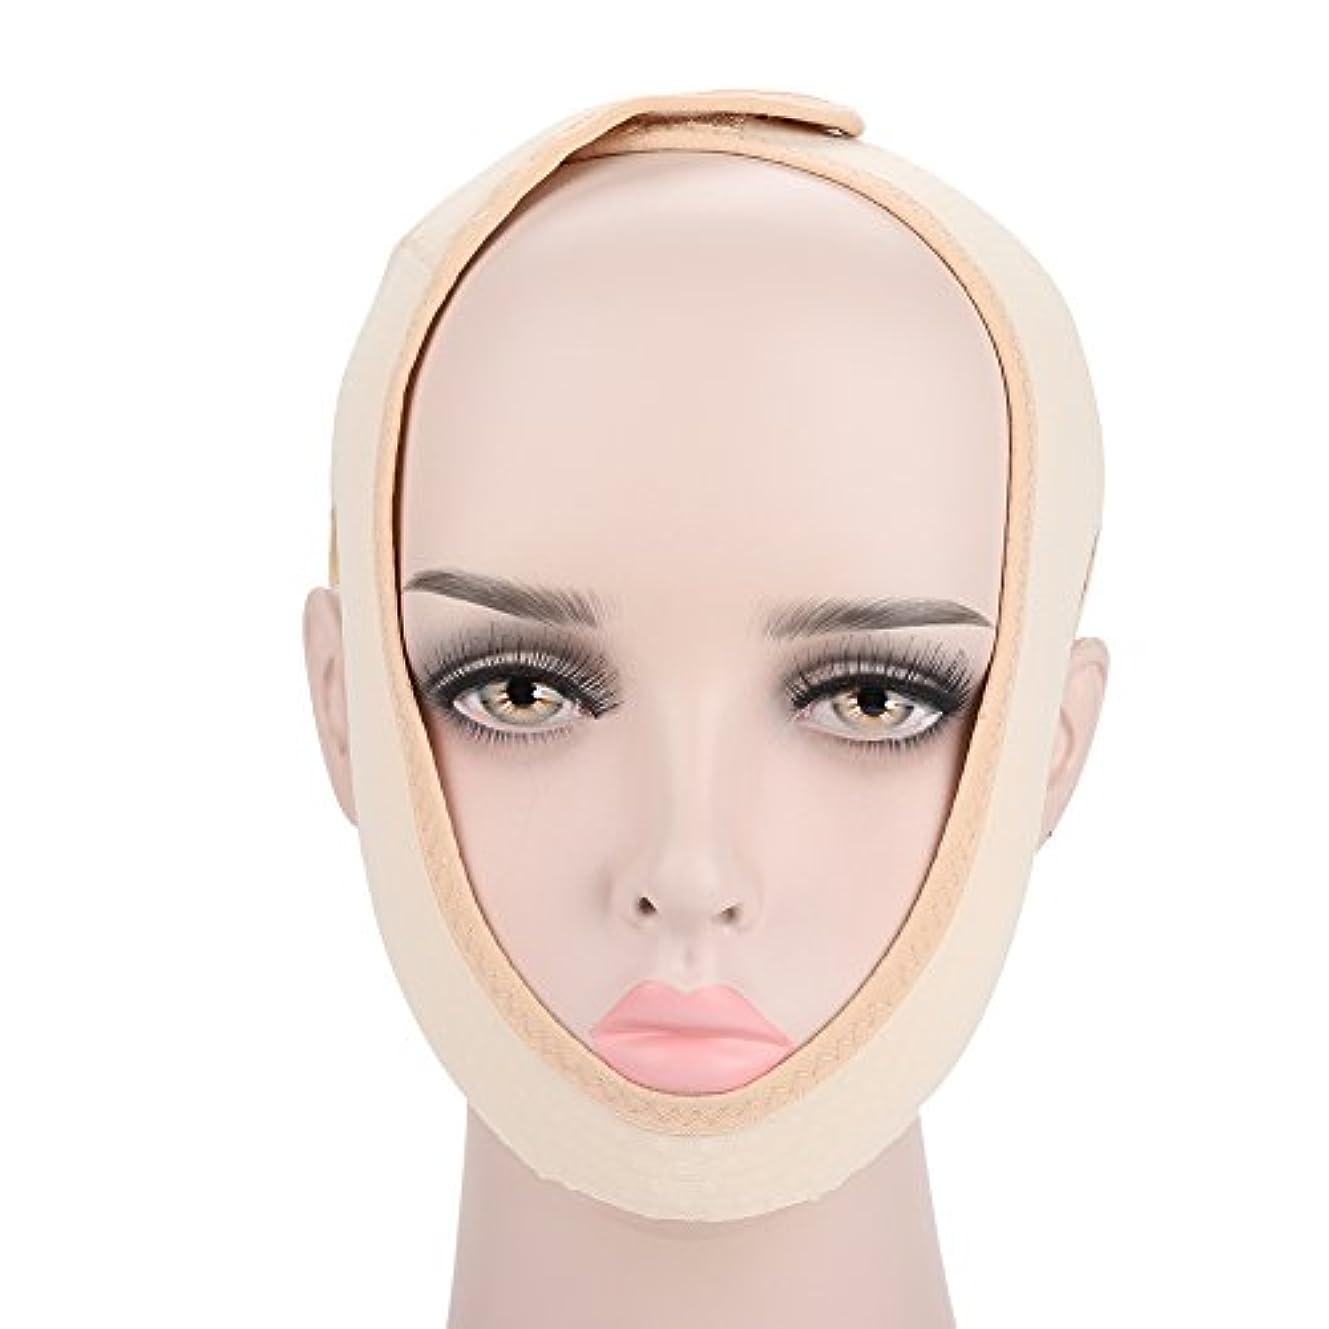 セータークロニクル普通の顔の輪郭を改善するための顔の痩身マスク、通気性と伸縮性、二重あごを和らげ、顔の手術とリハビリ